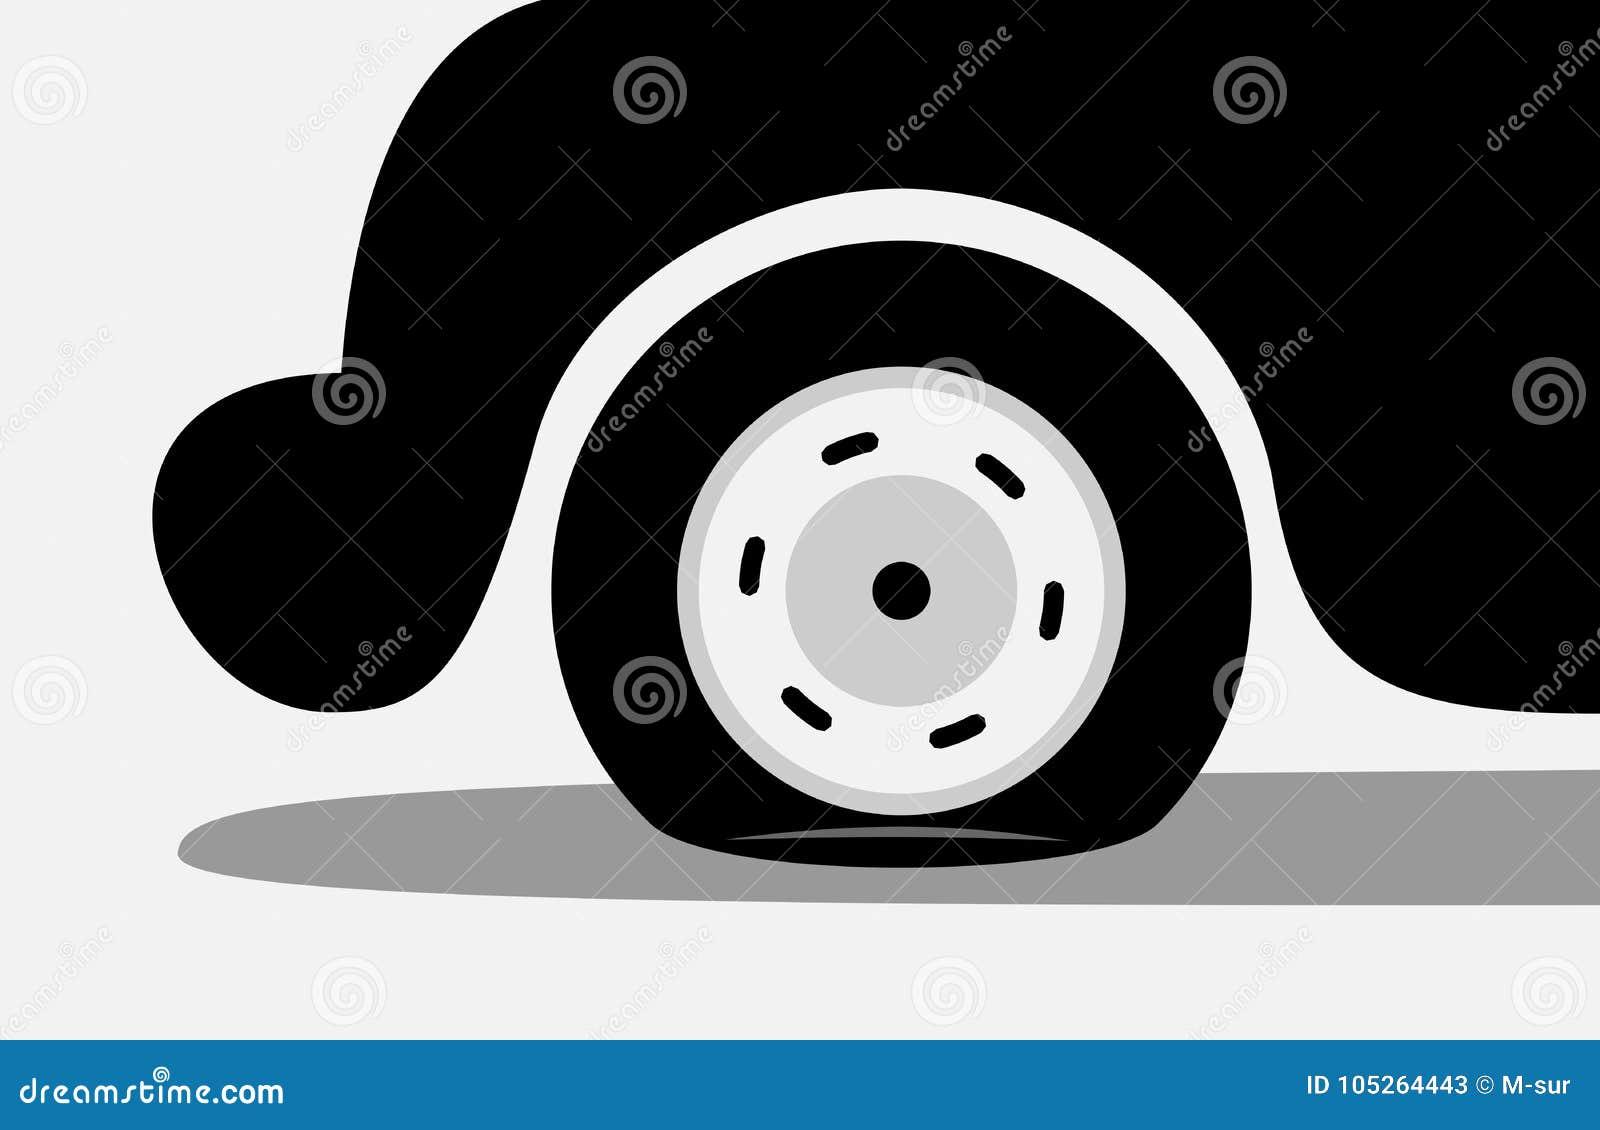 Reifenpanne/Durchbohren des Reifens